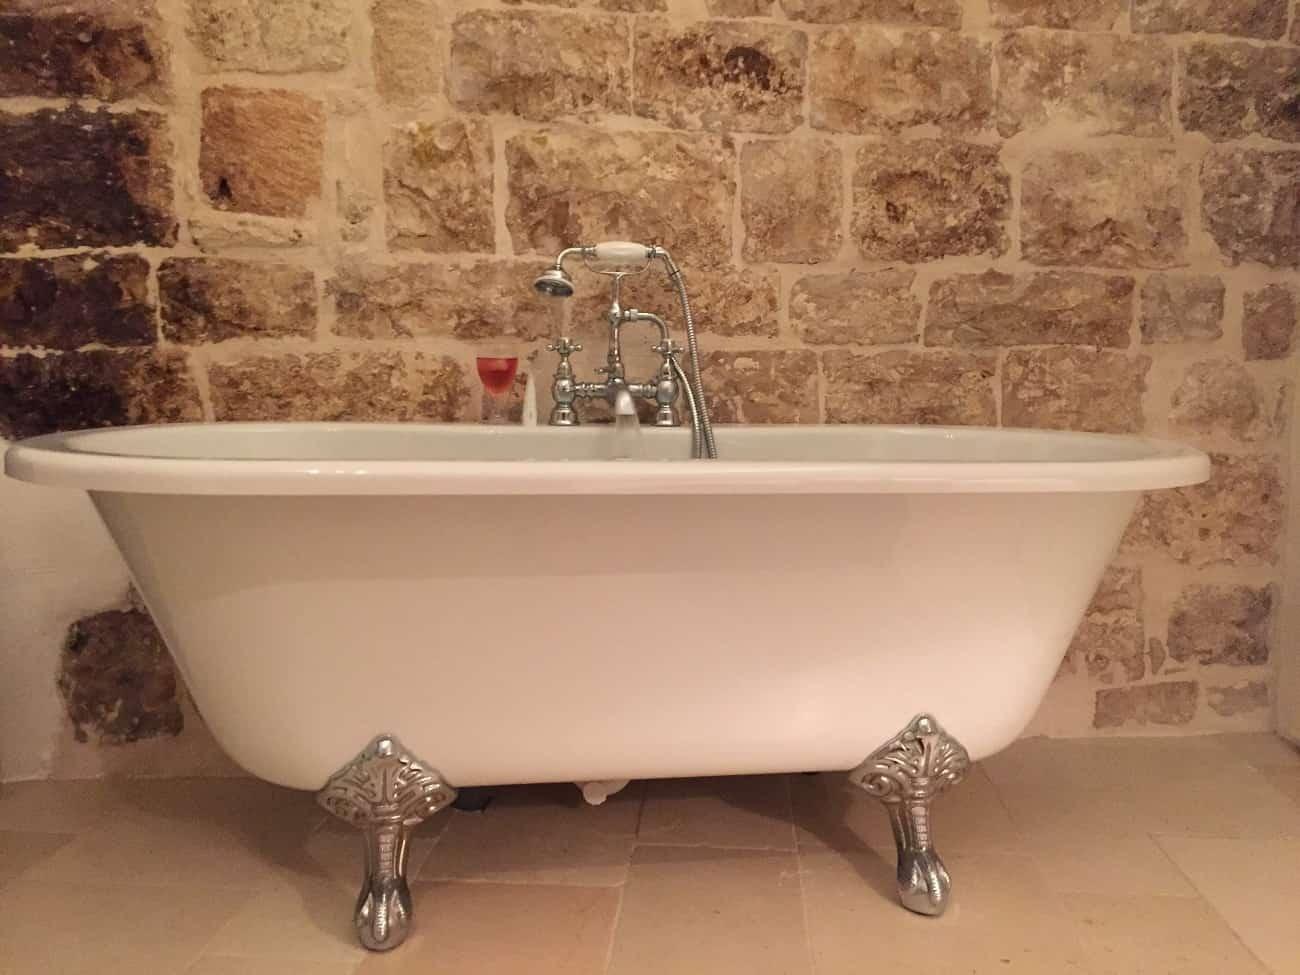 Bathtub in our AirBnB